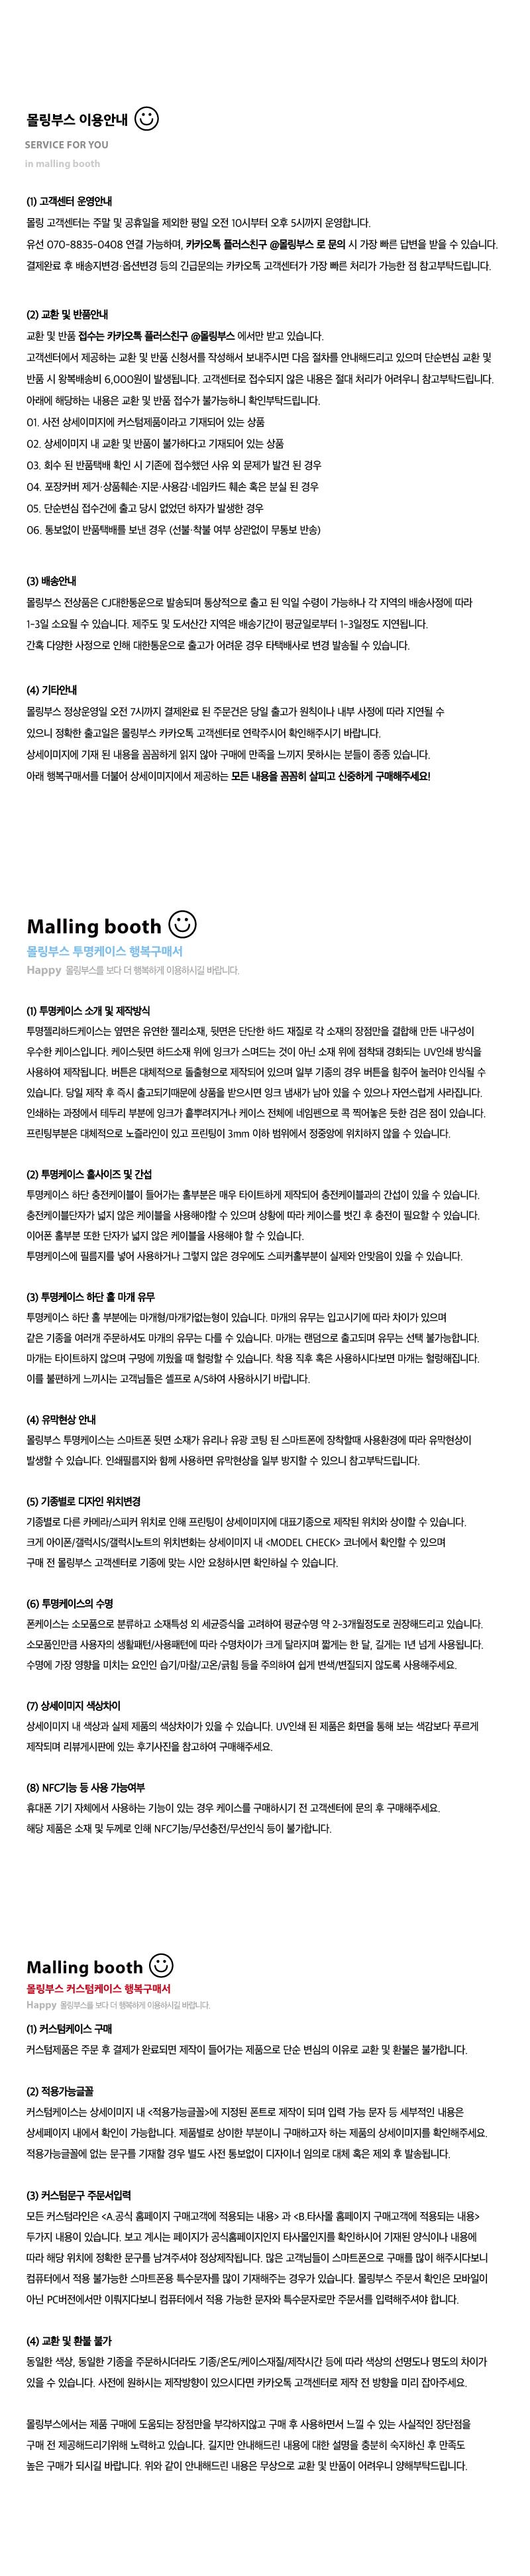 투명페이스톡(가을ver.) 케이스 - 몰링부스, 12,600원, 케이스, 아이폰7/8